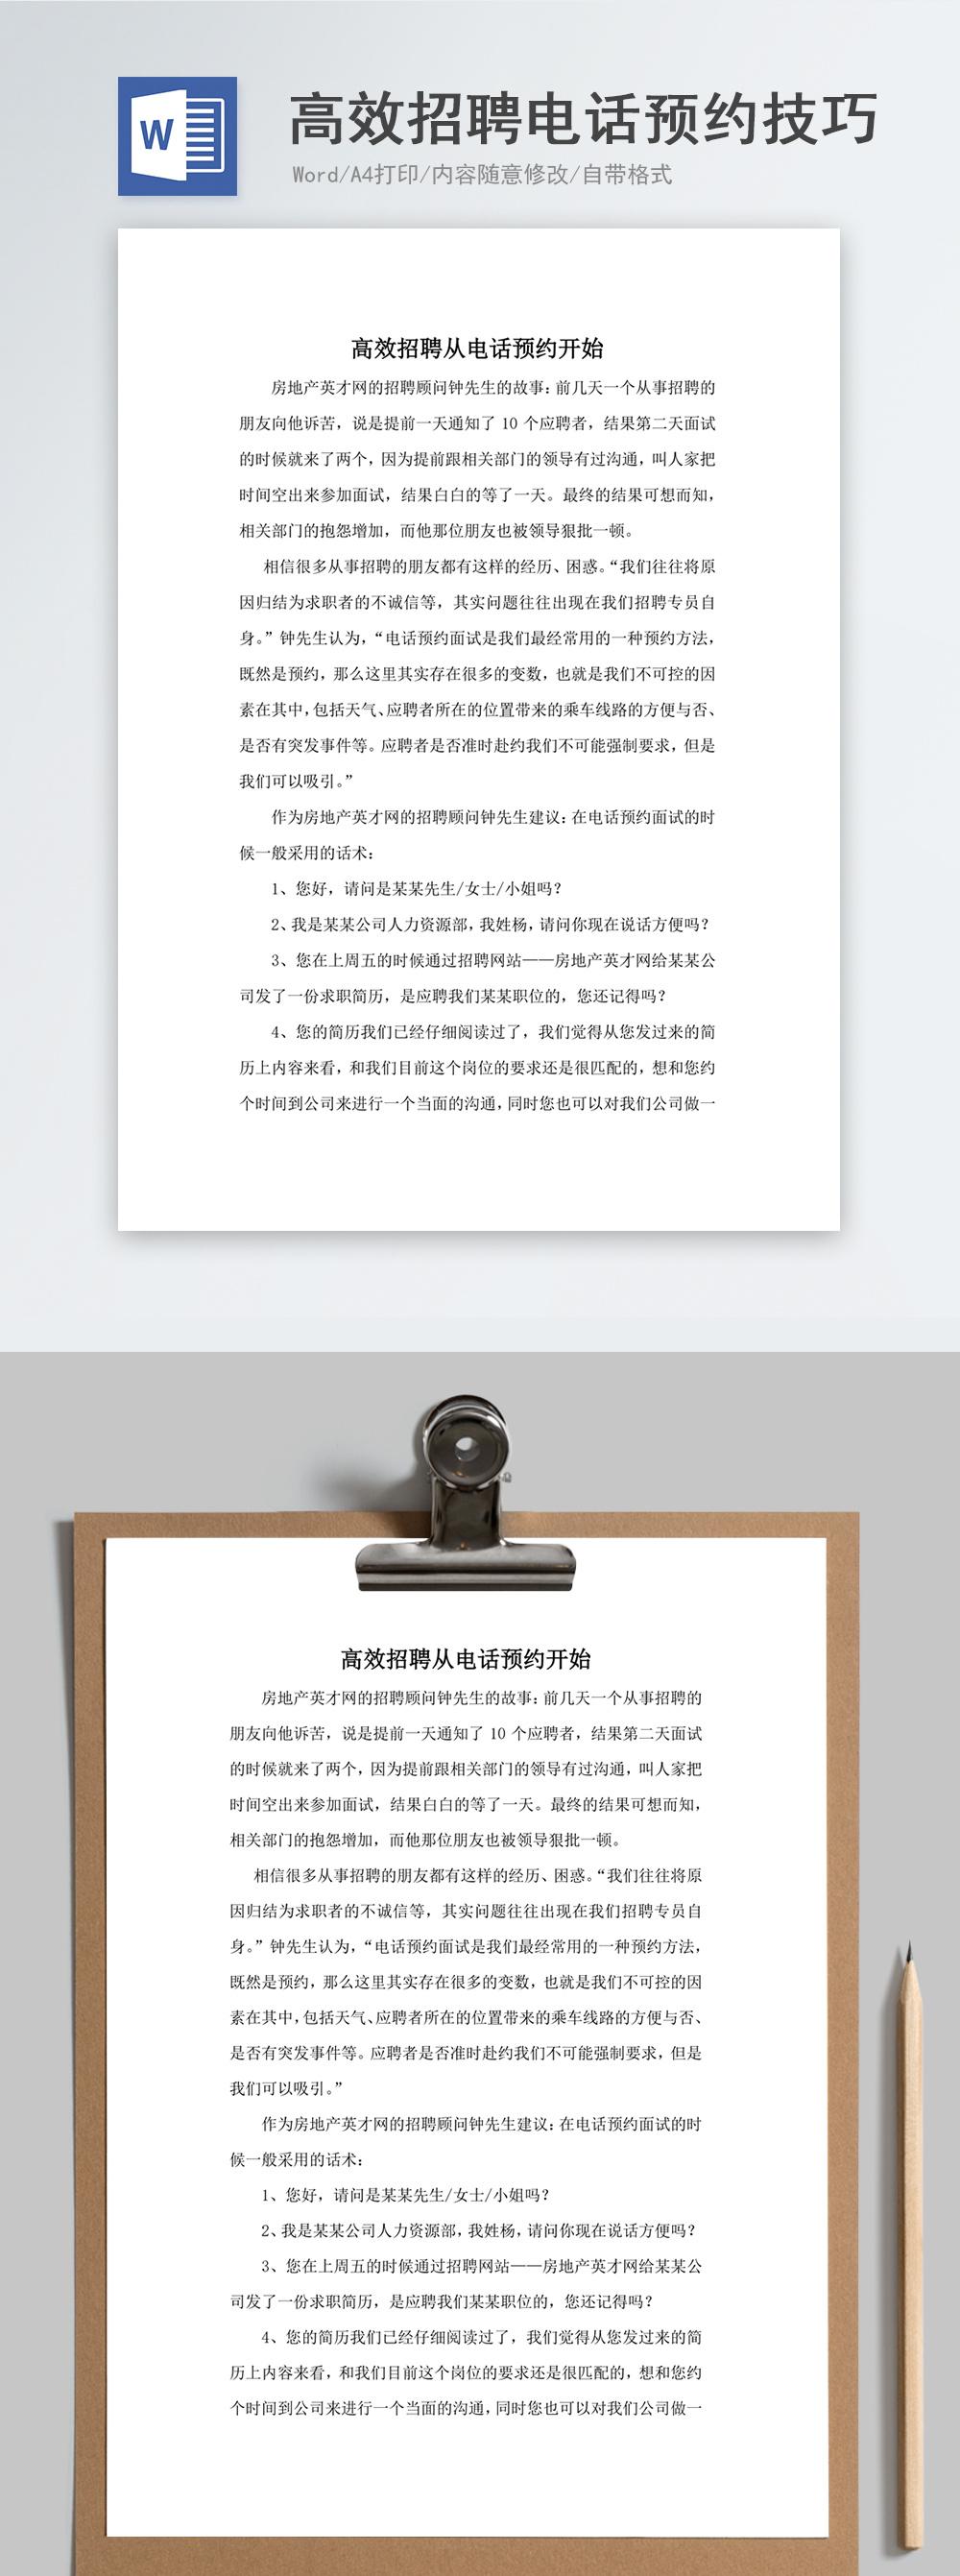 企业高效招聘电话预约技巧word文档图片